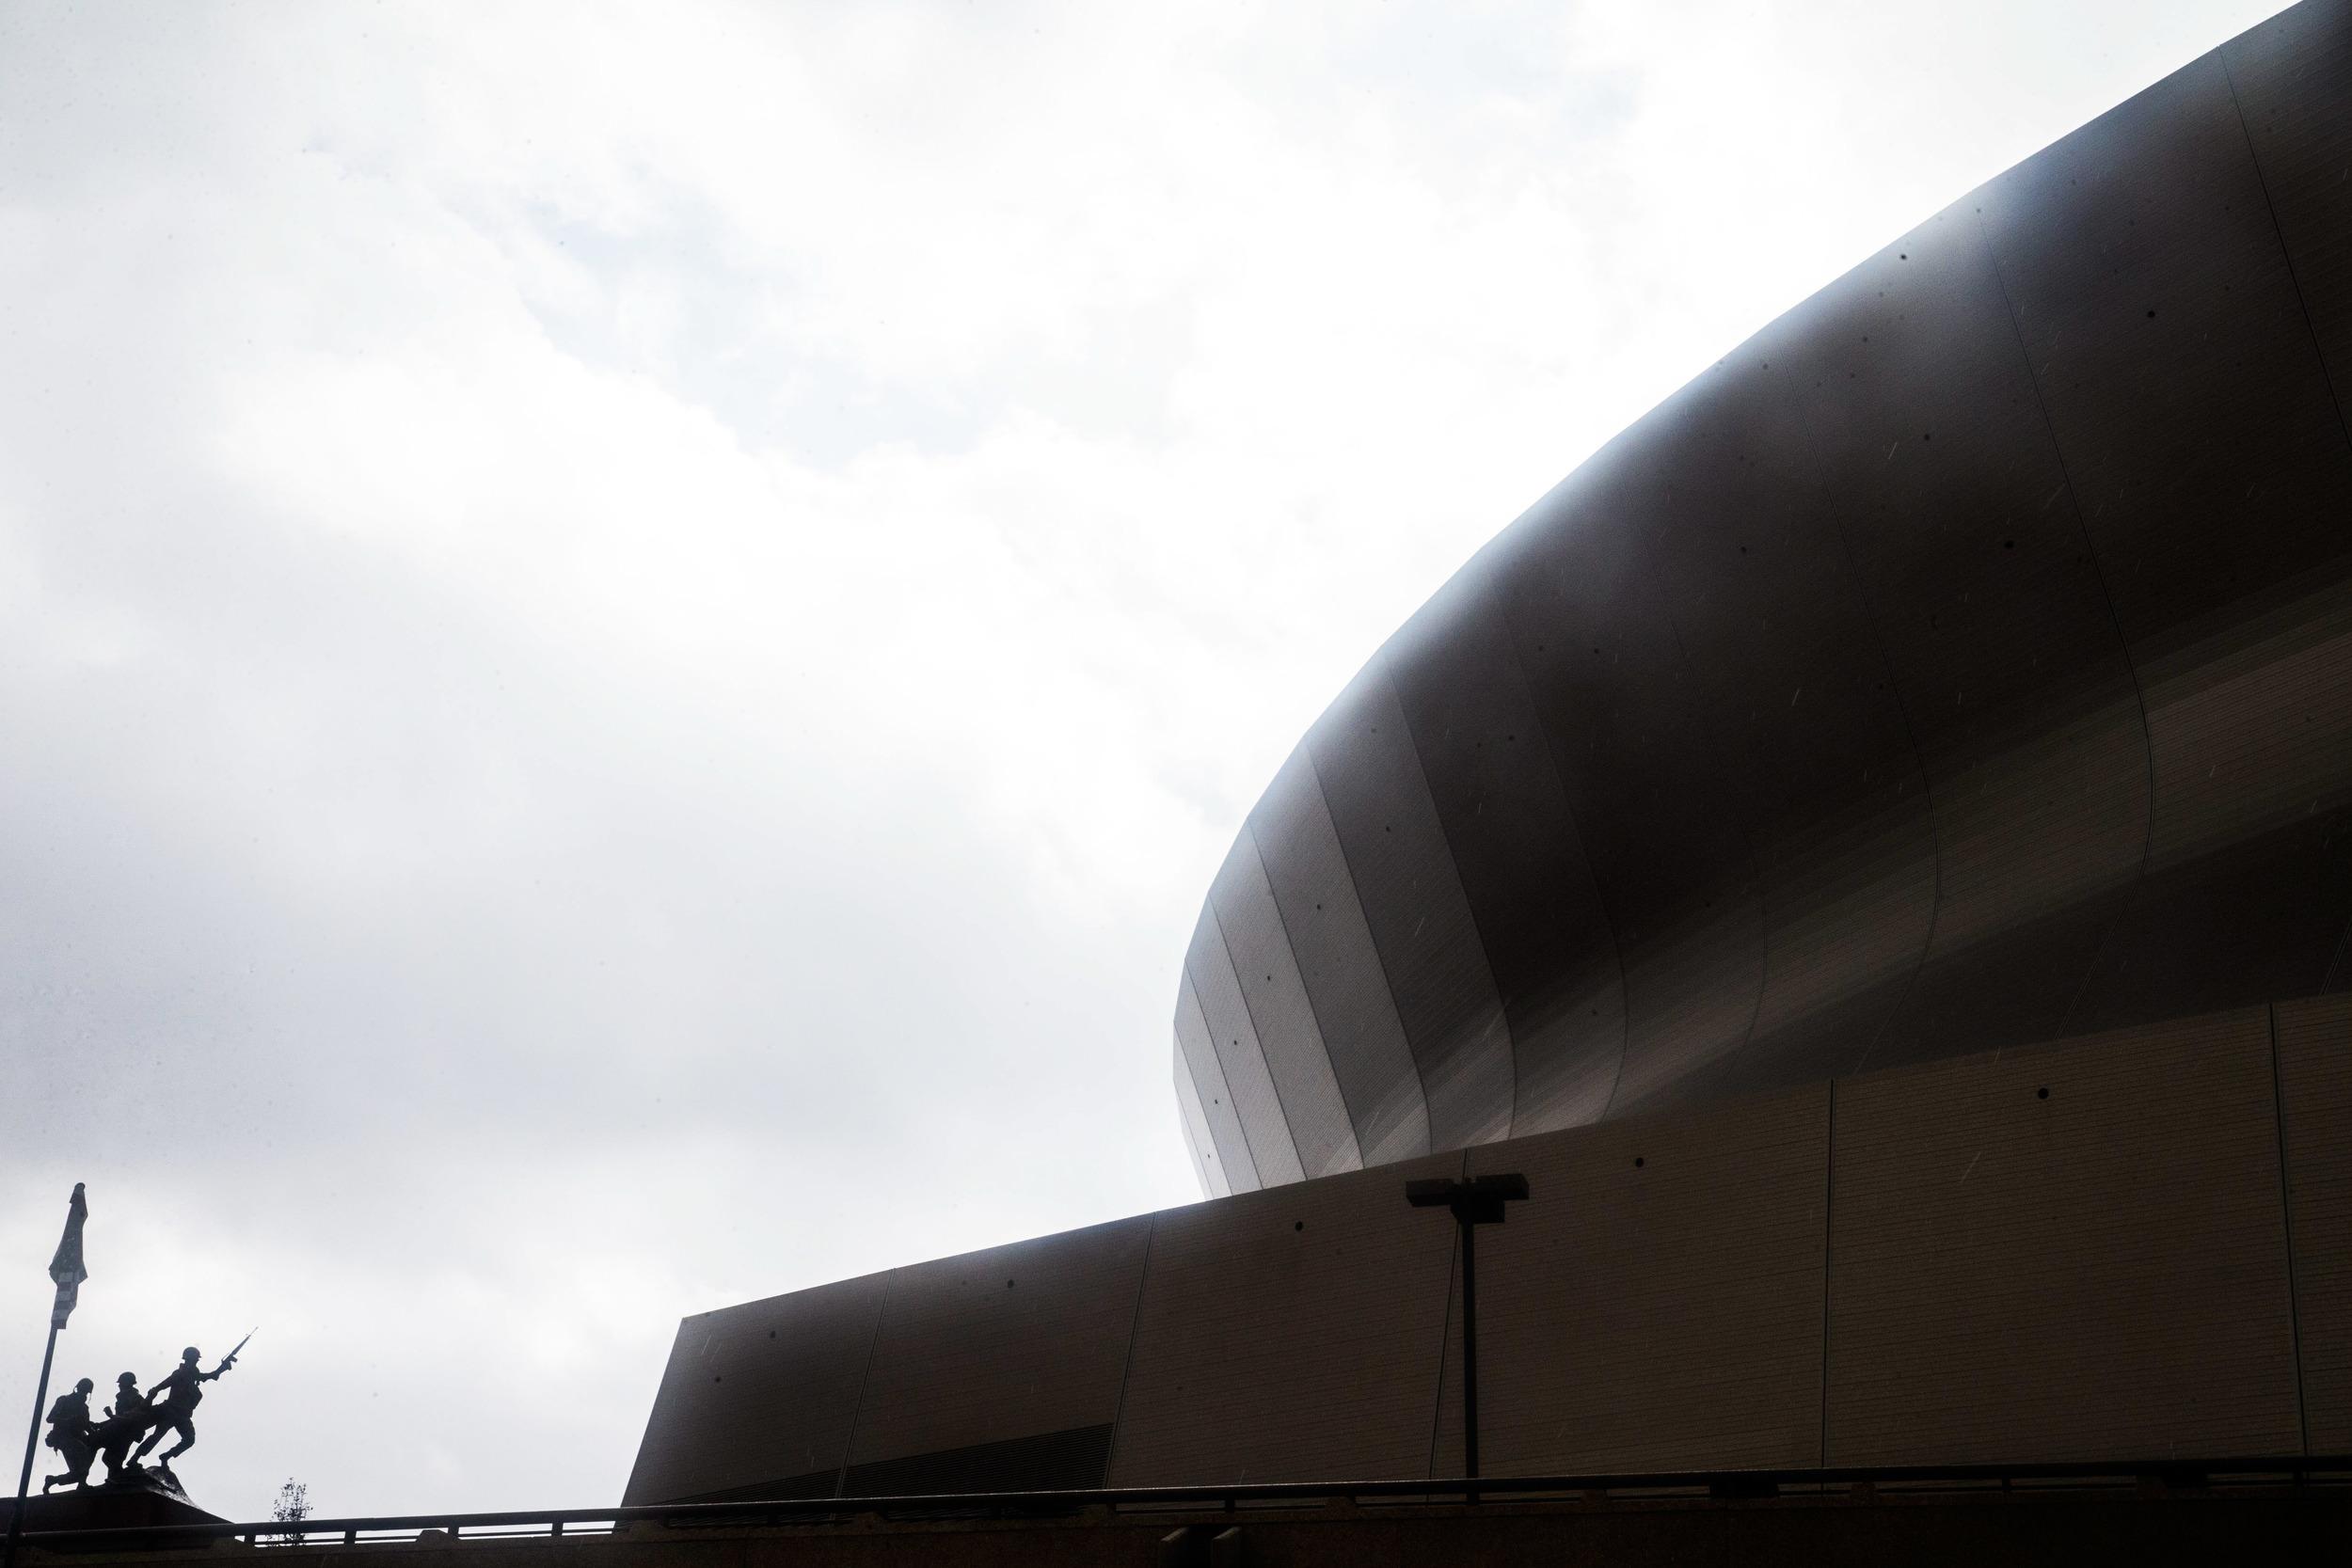 New Orleans's Superdome stadium